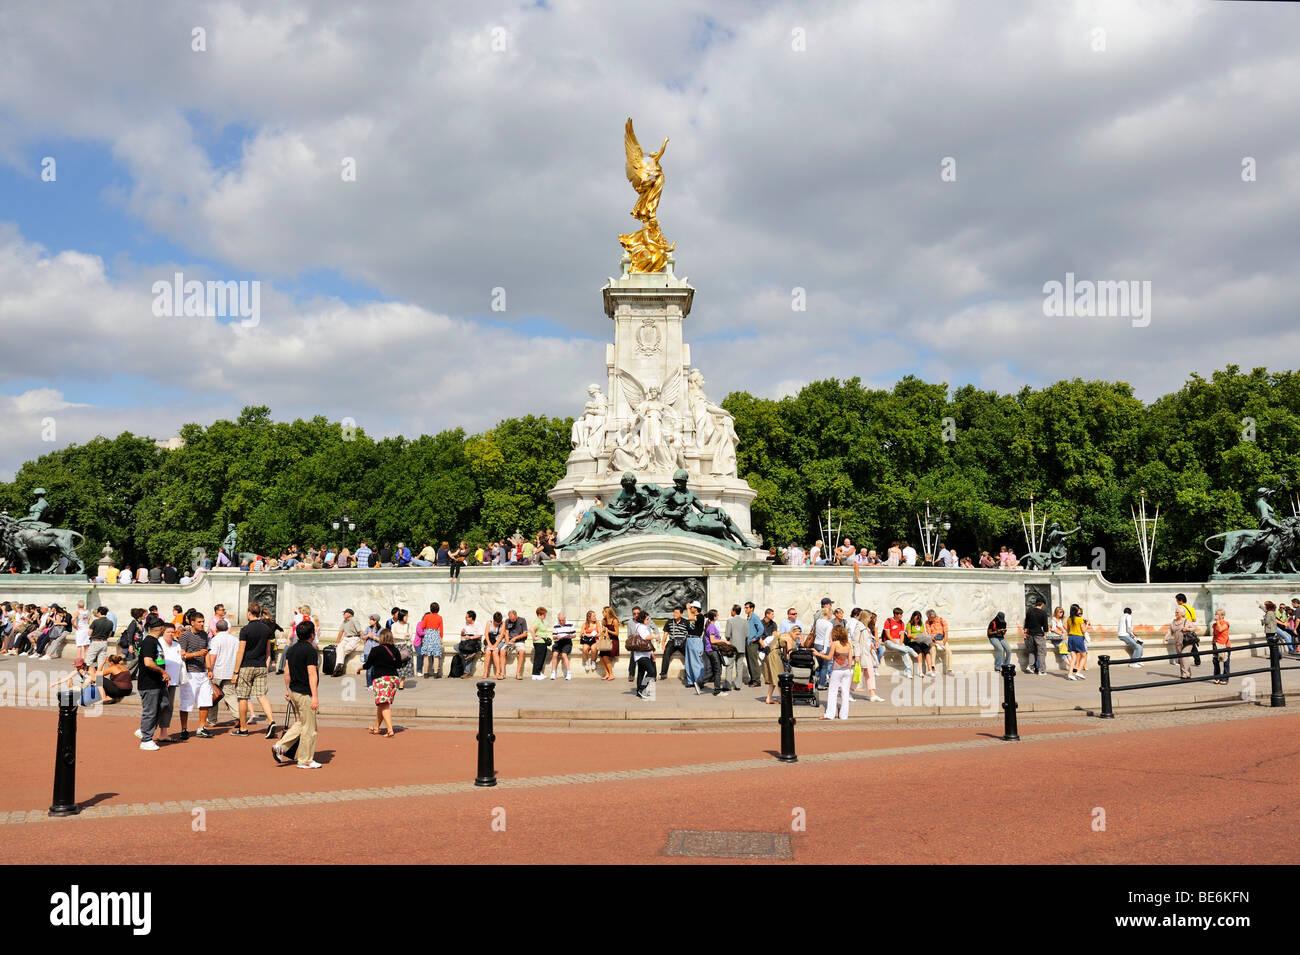 Il memoriale della Victoria a Buckingham Palace, London, England, Regno Unito, Europa Immagini Stock